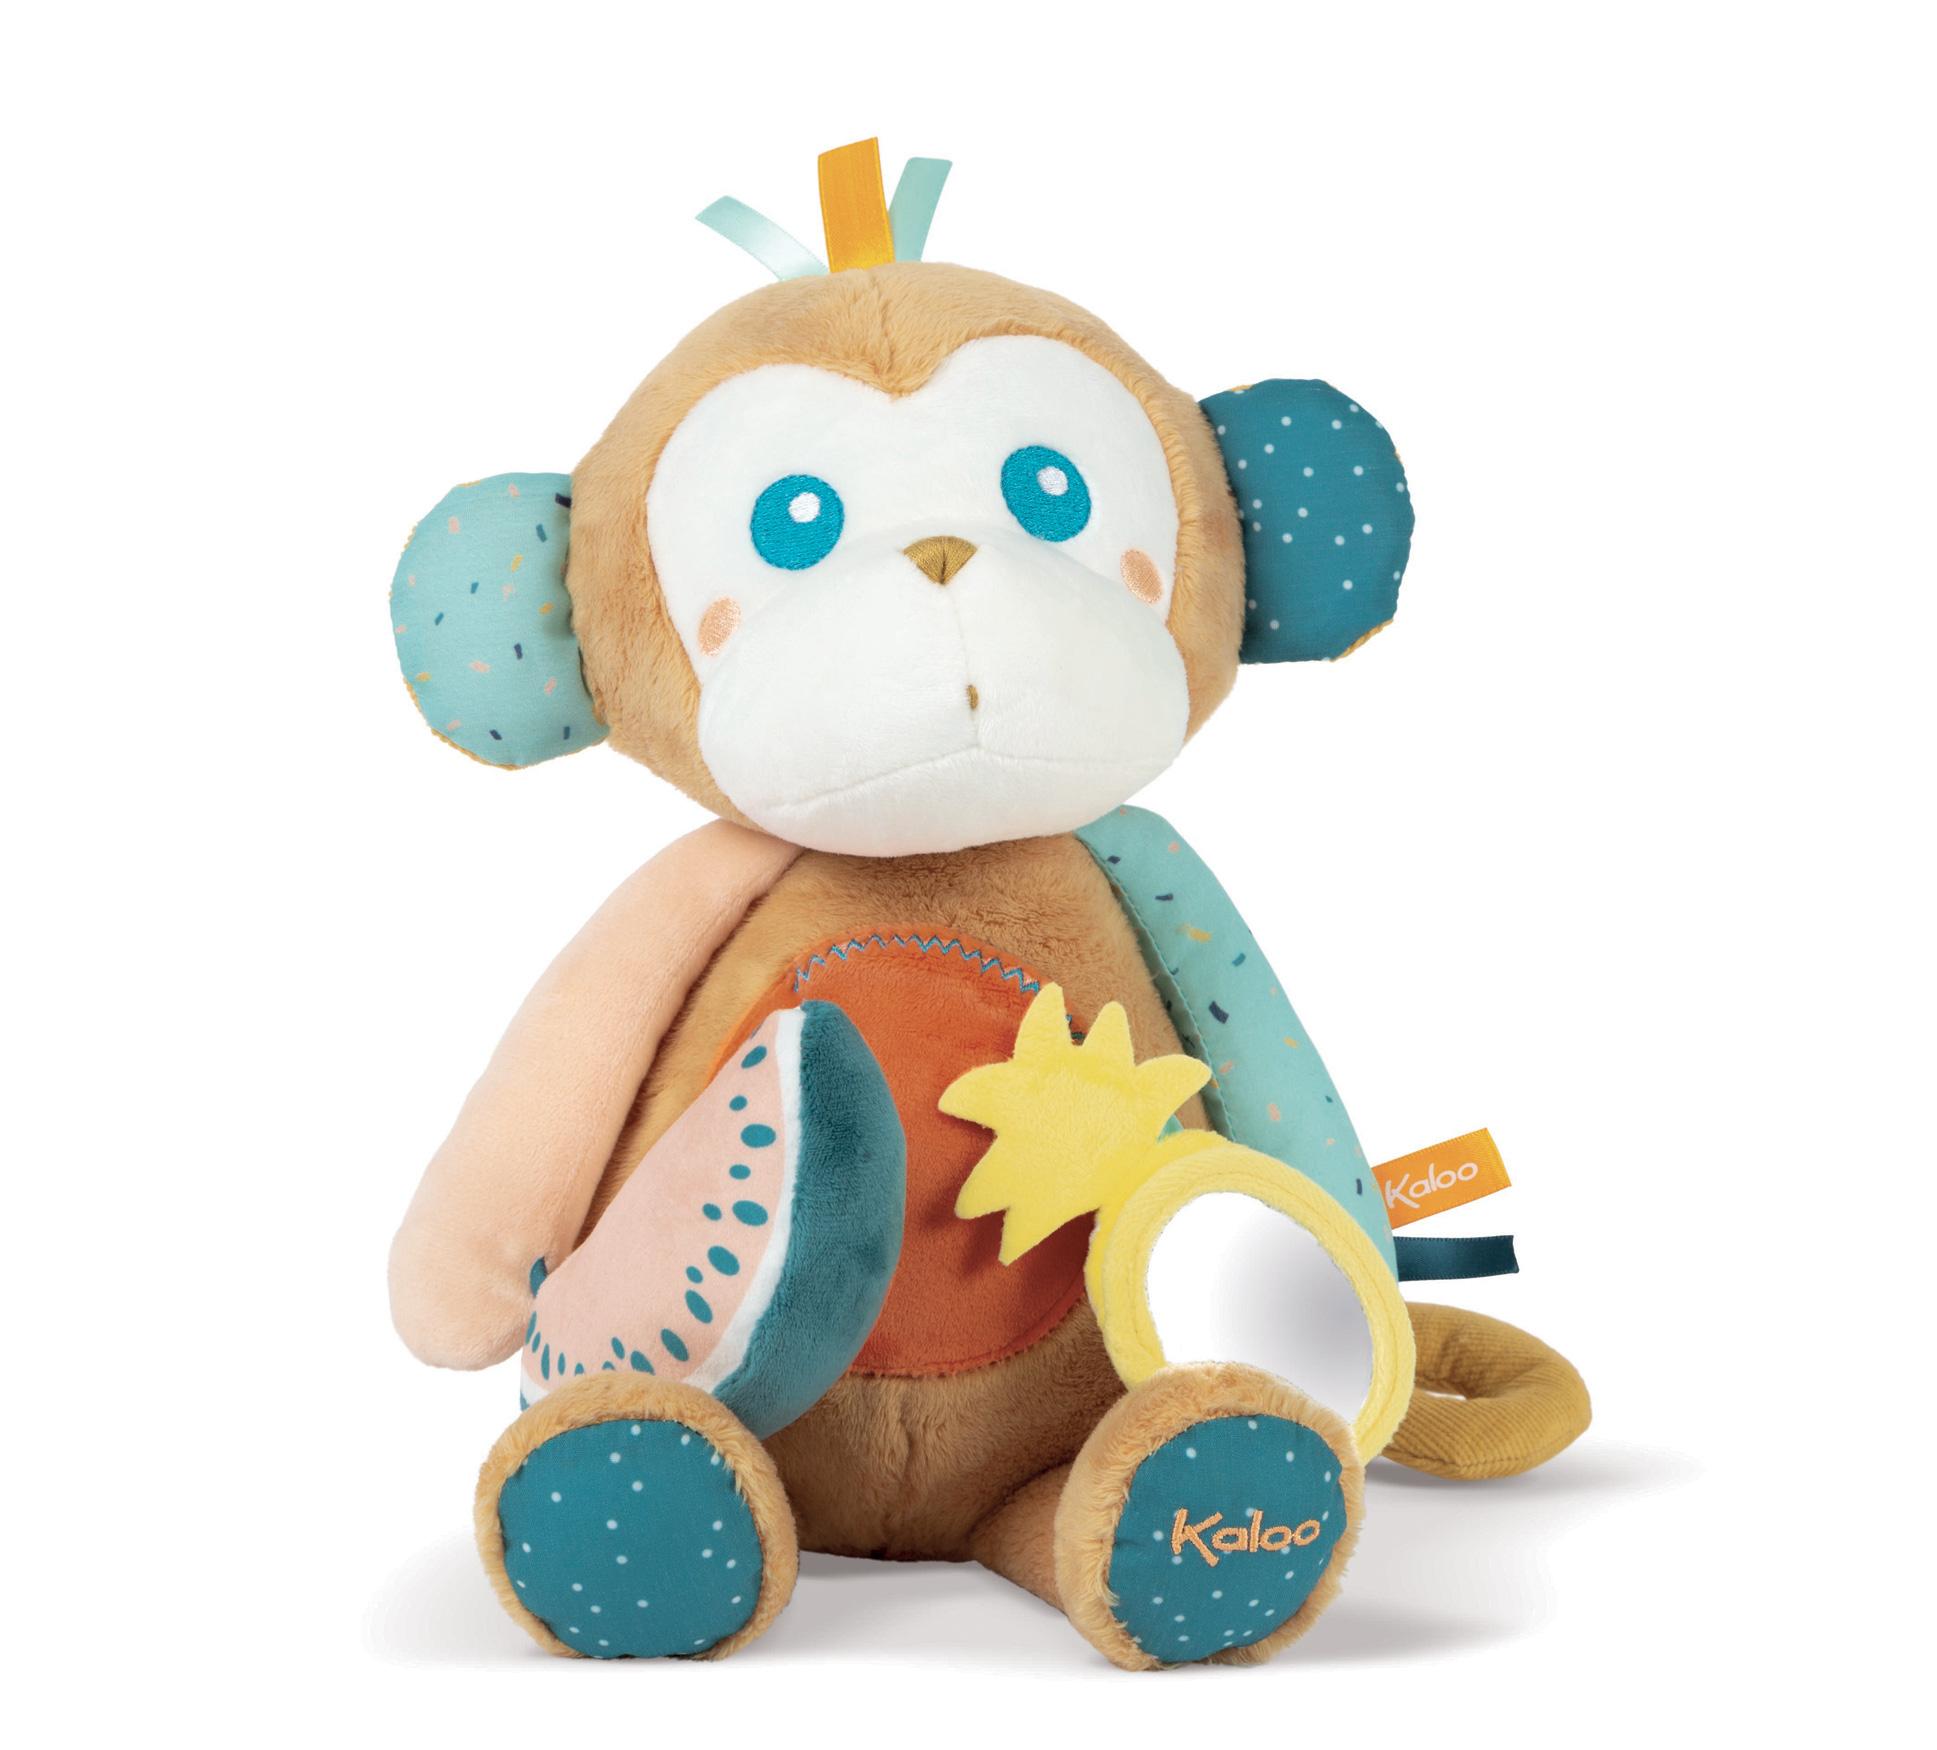 Aktívna plyšová Opica Sam Kaloo pre najmenších od 0 mes